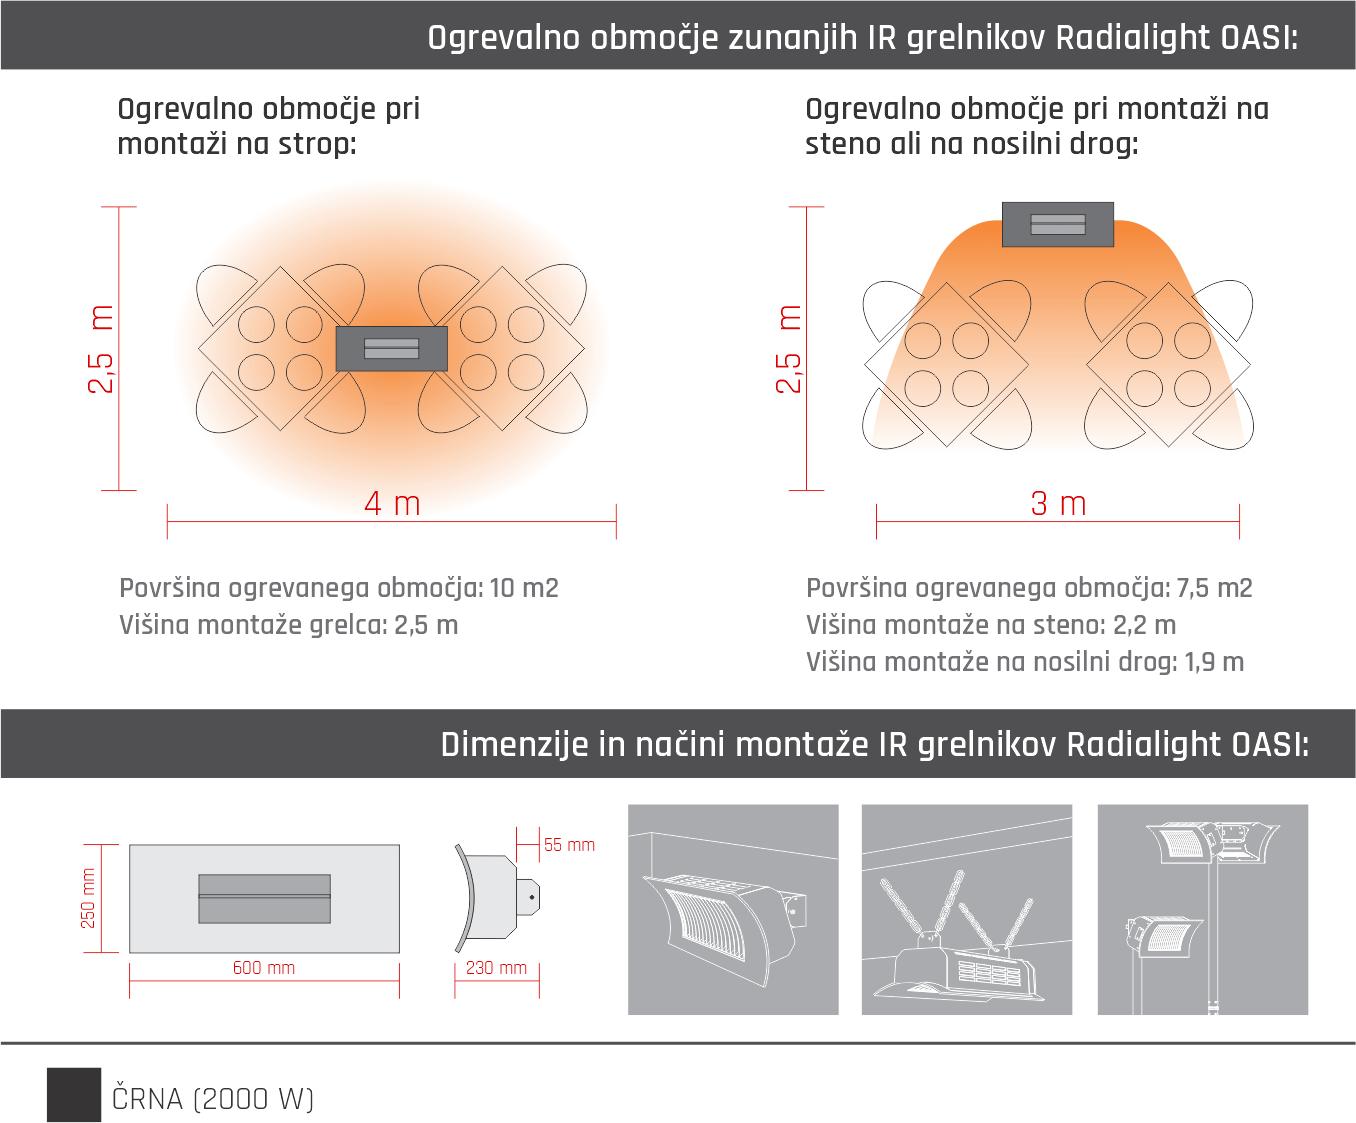 Tabela dimenzije in moči IR grelnikov Radialight OASI